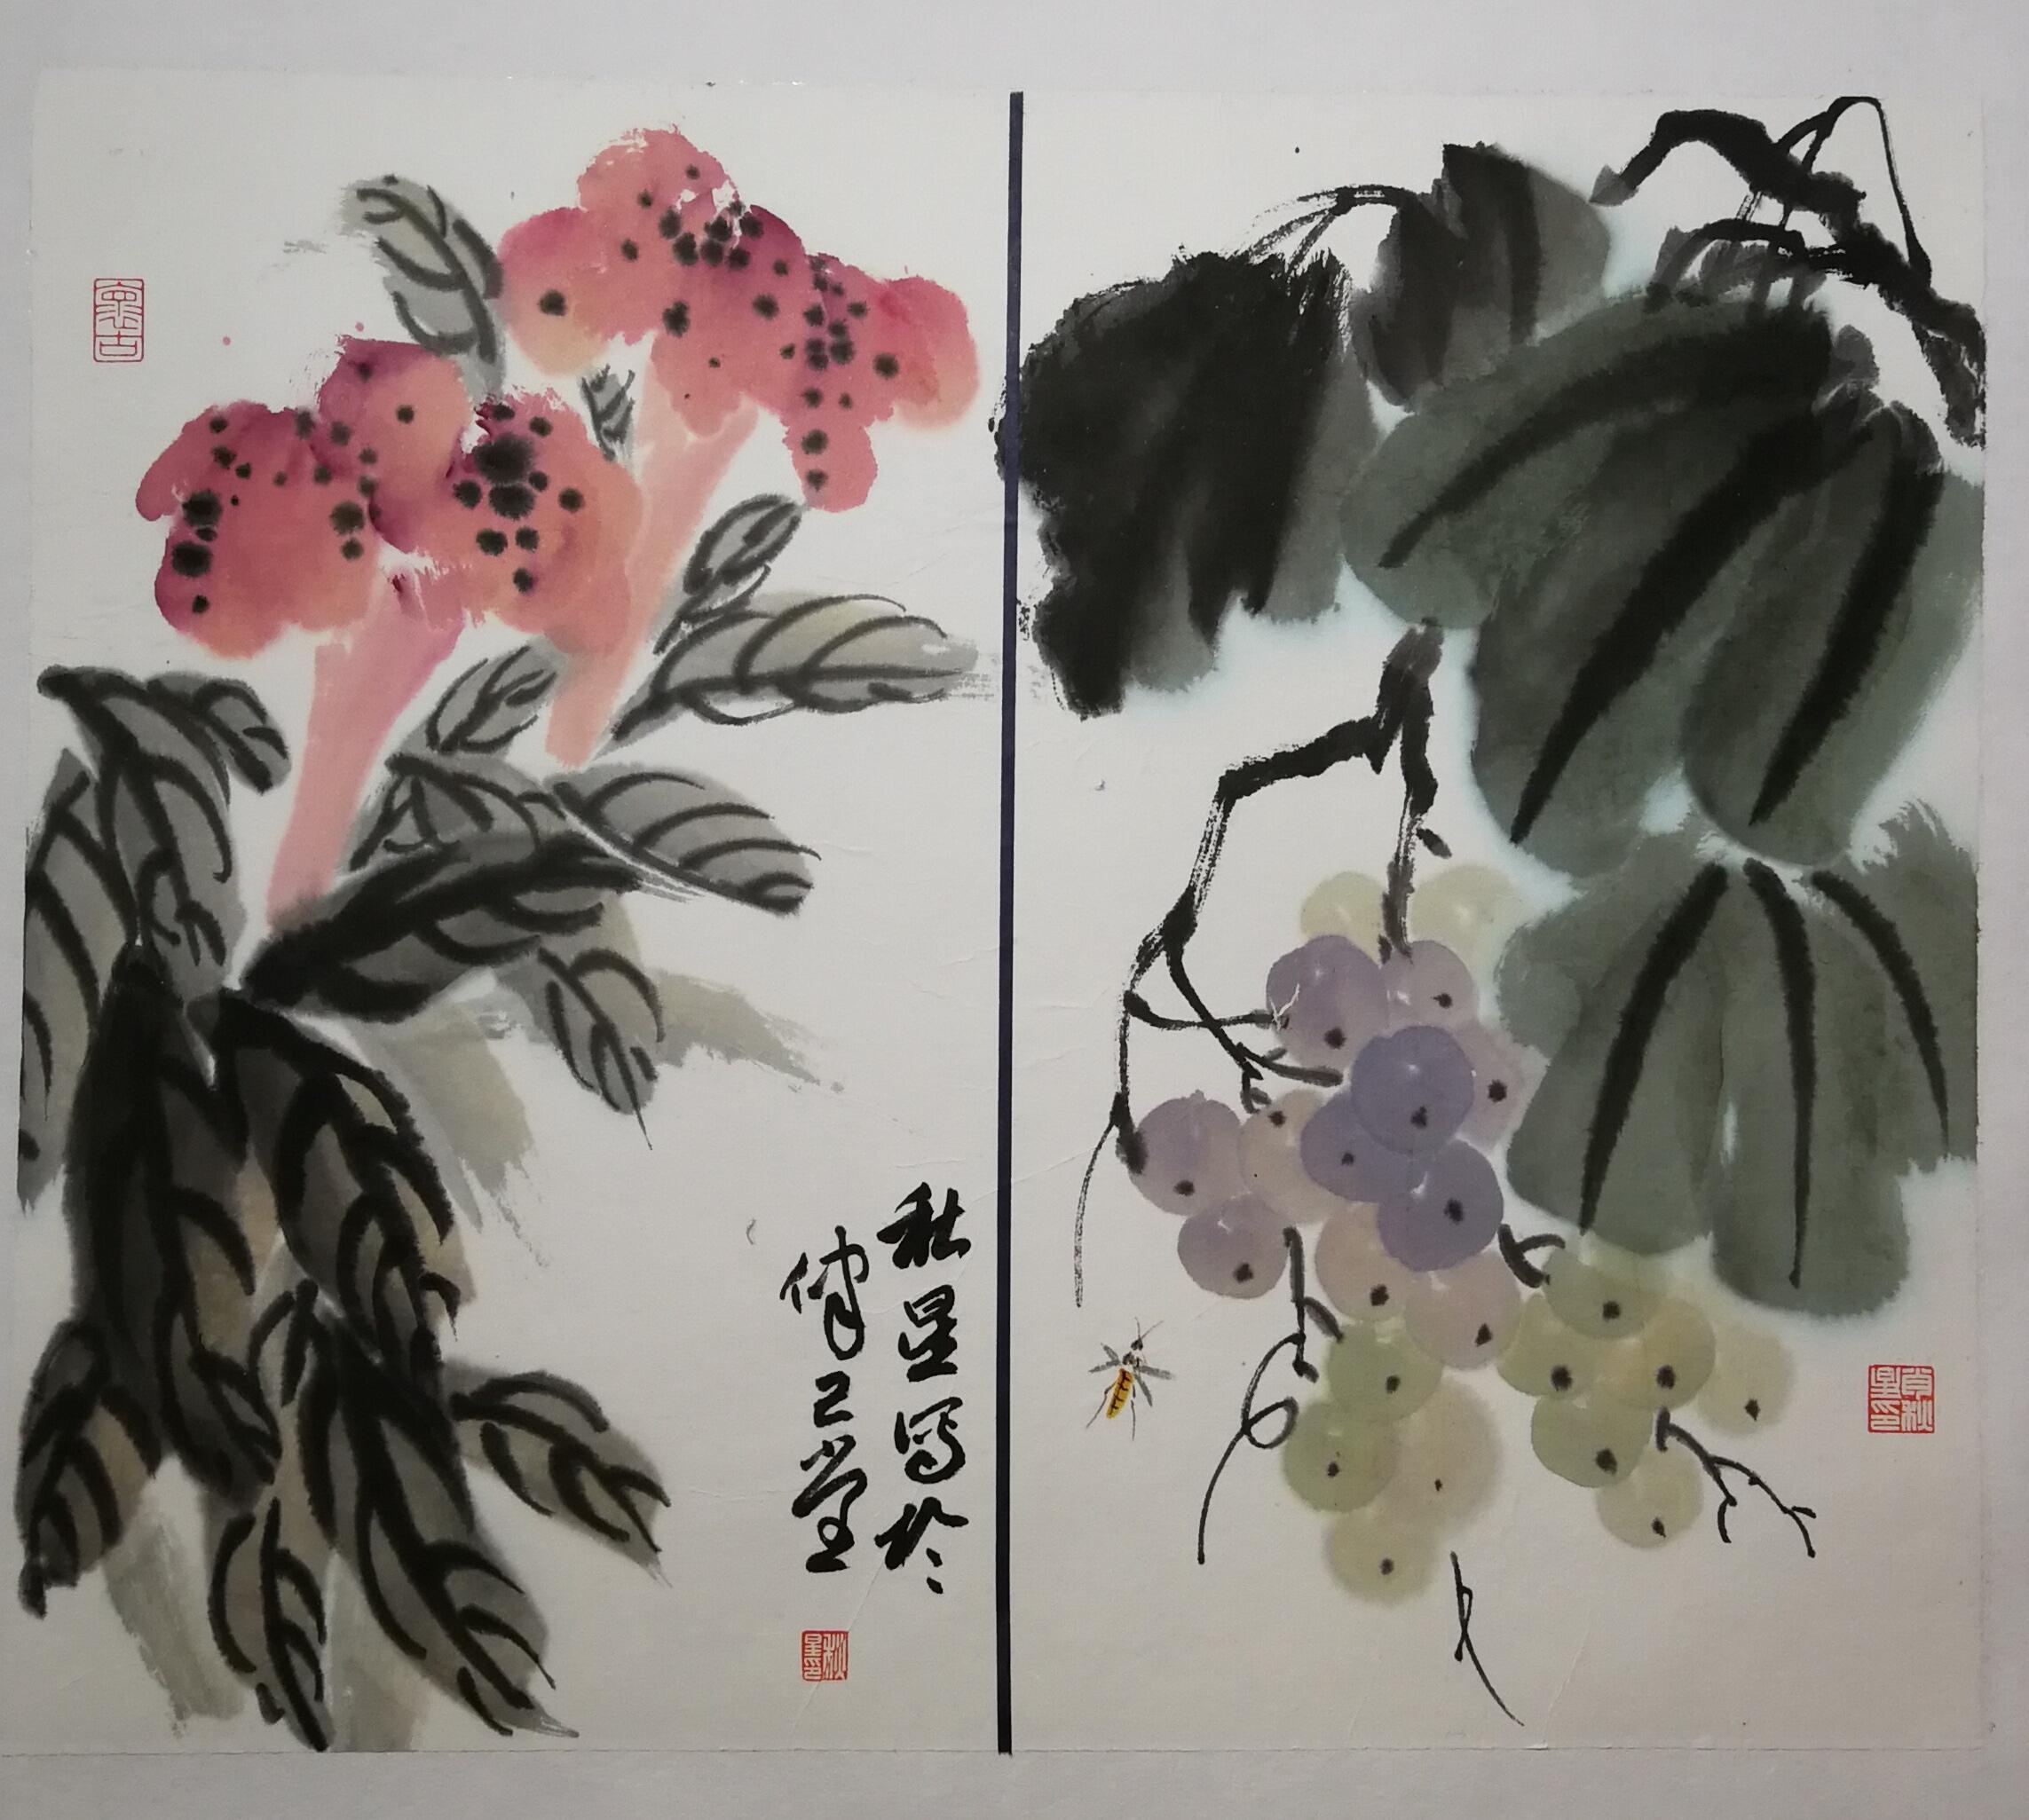 梧桐树下国画班-财大校区